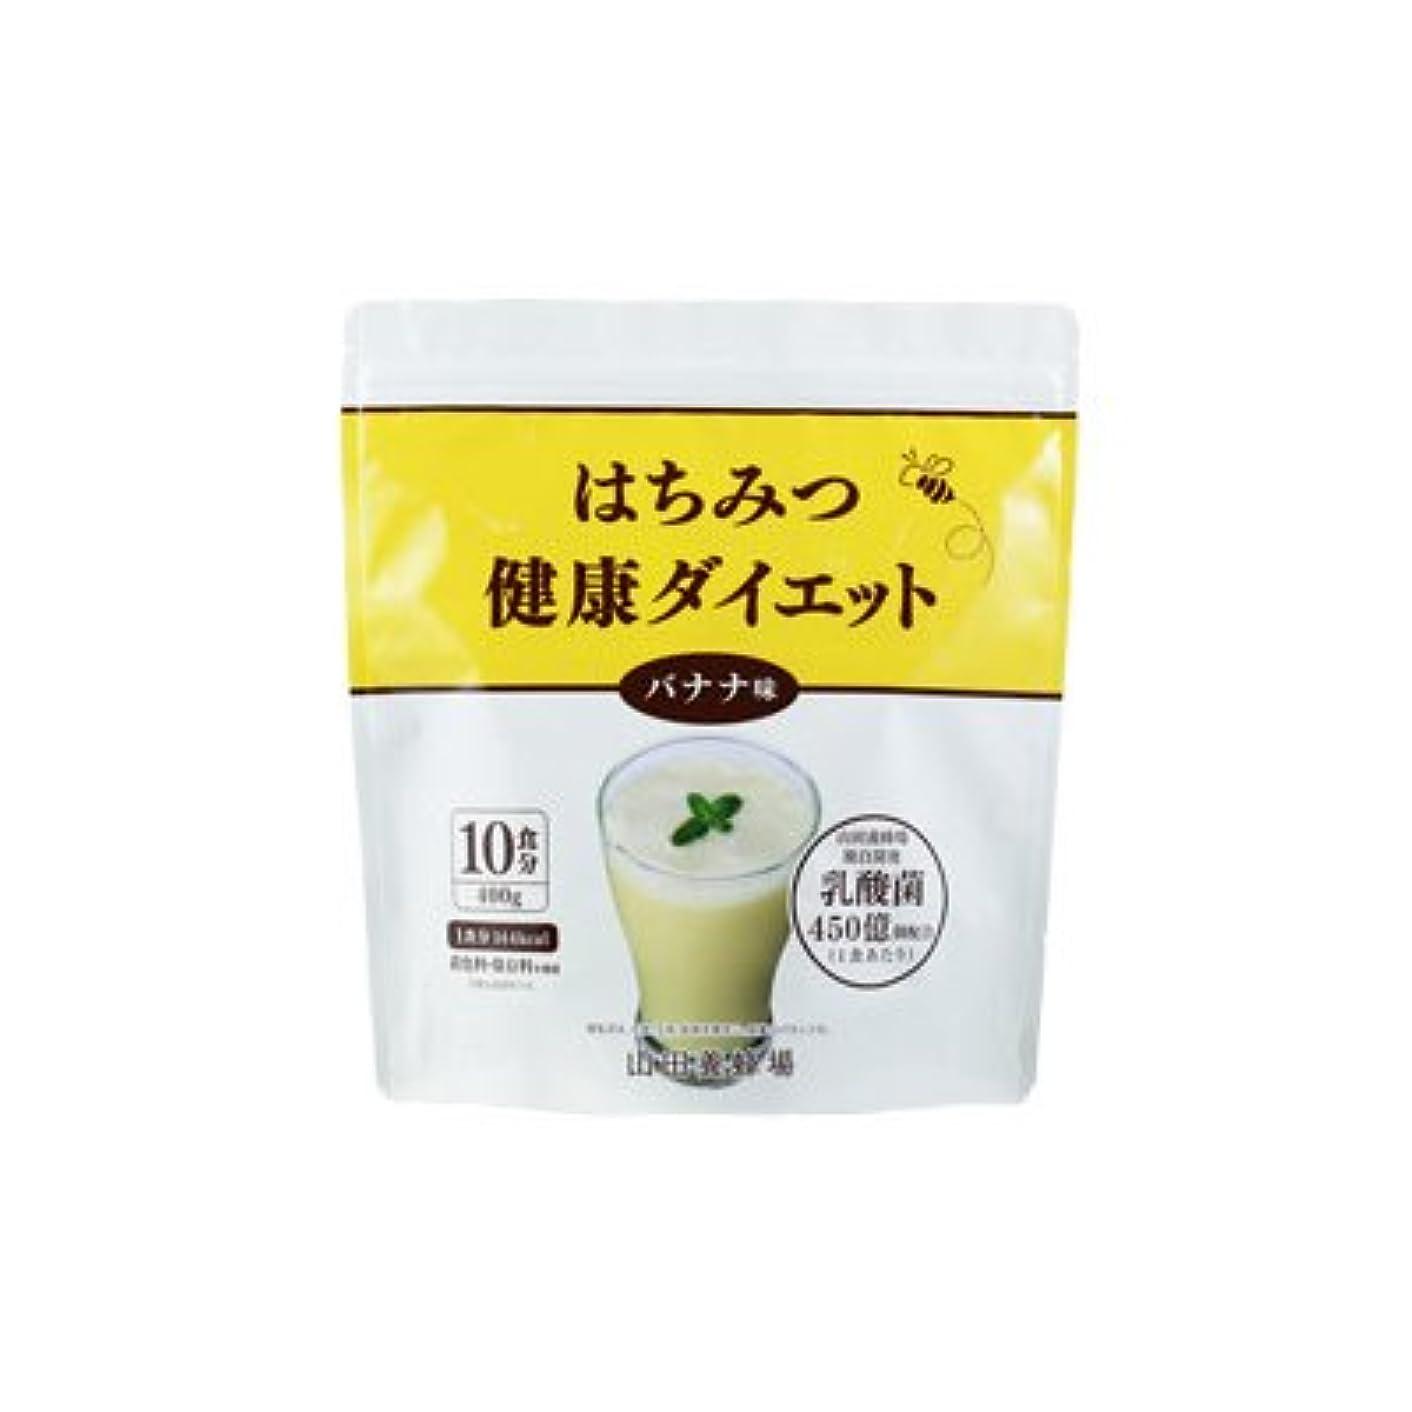 昇進パースブラックボロウ天気はちみつ健康ダイエット 【バナナ味】400g(10食分)